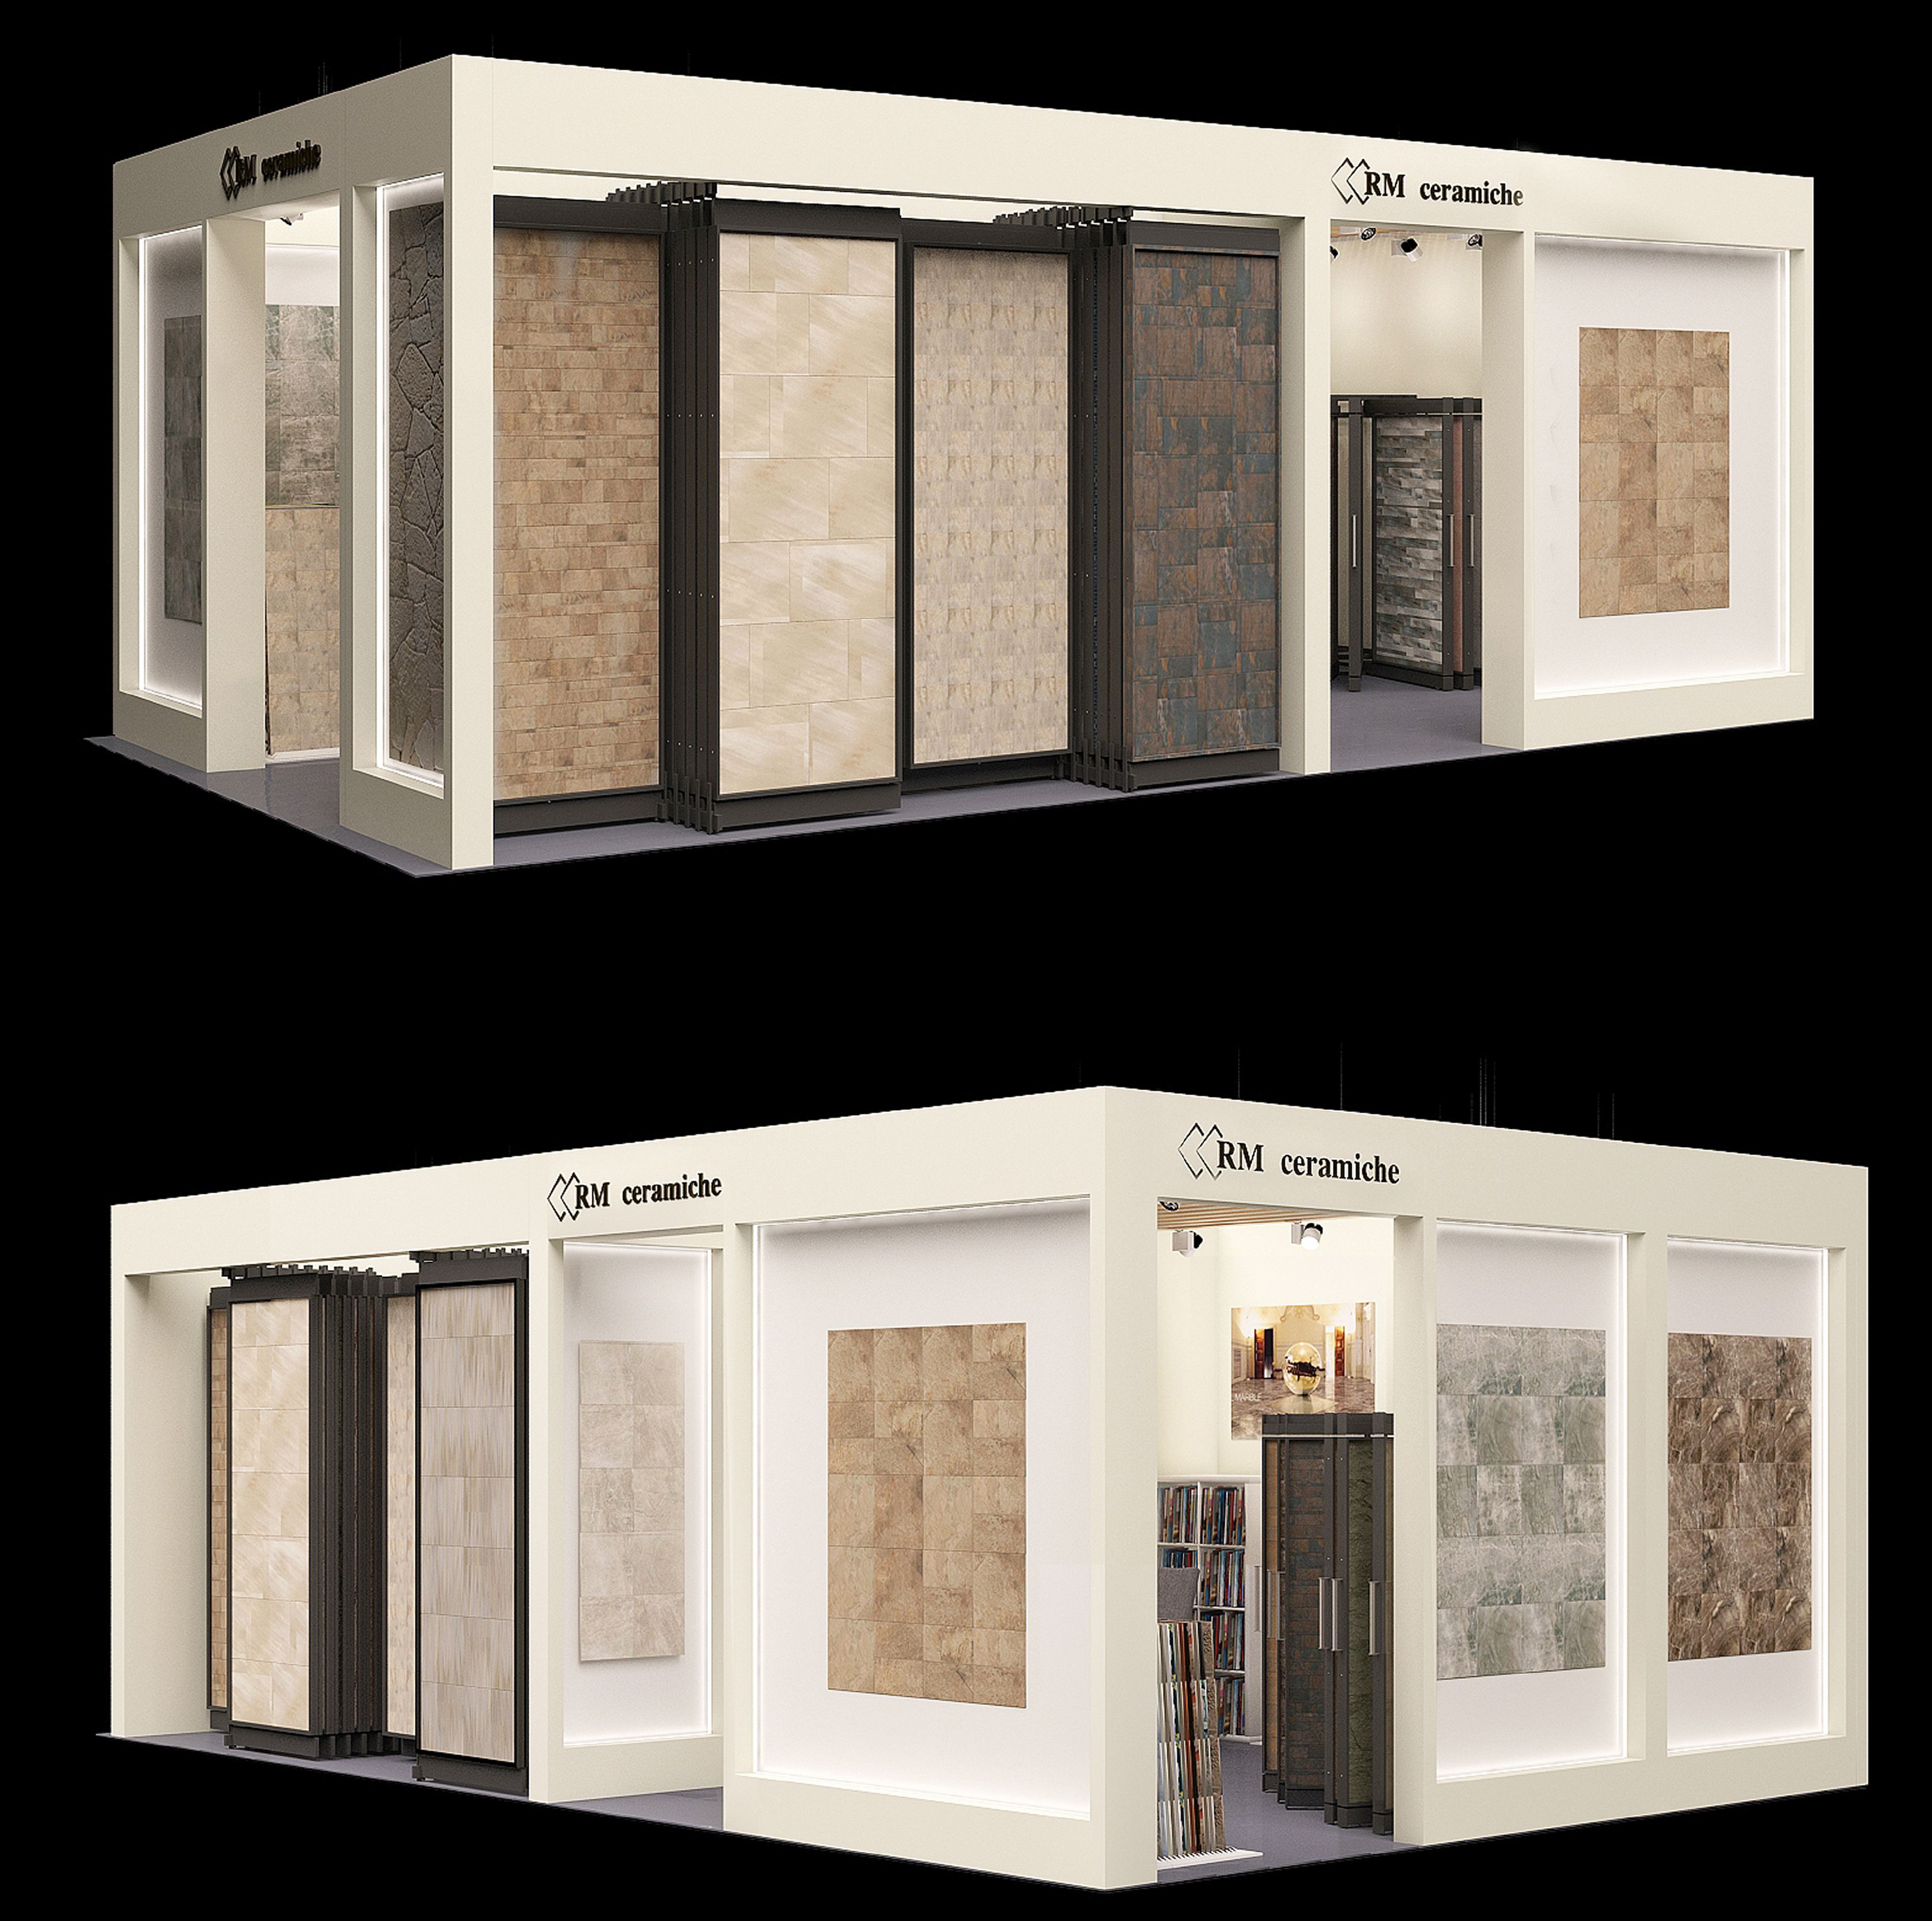 выставочный павильон RM Ceramiche в Экспострое